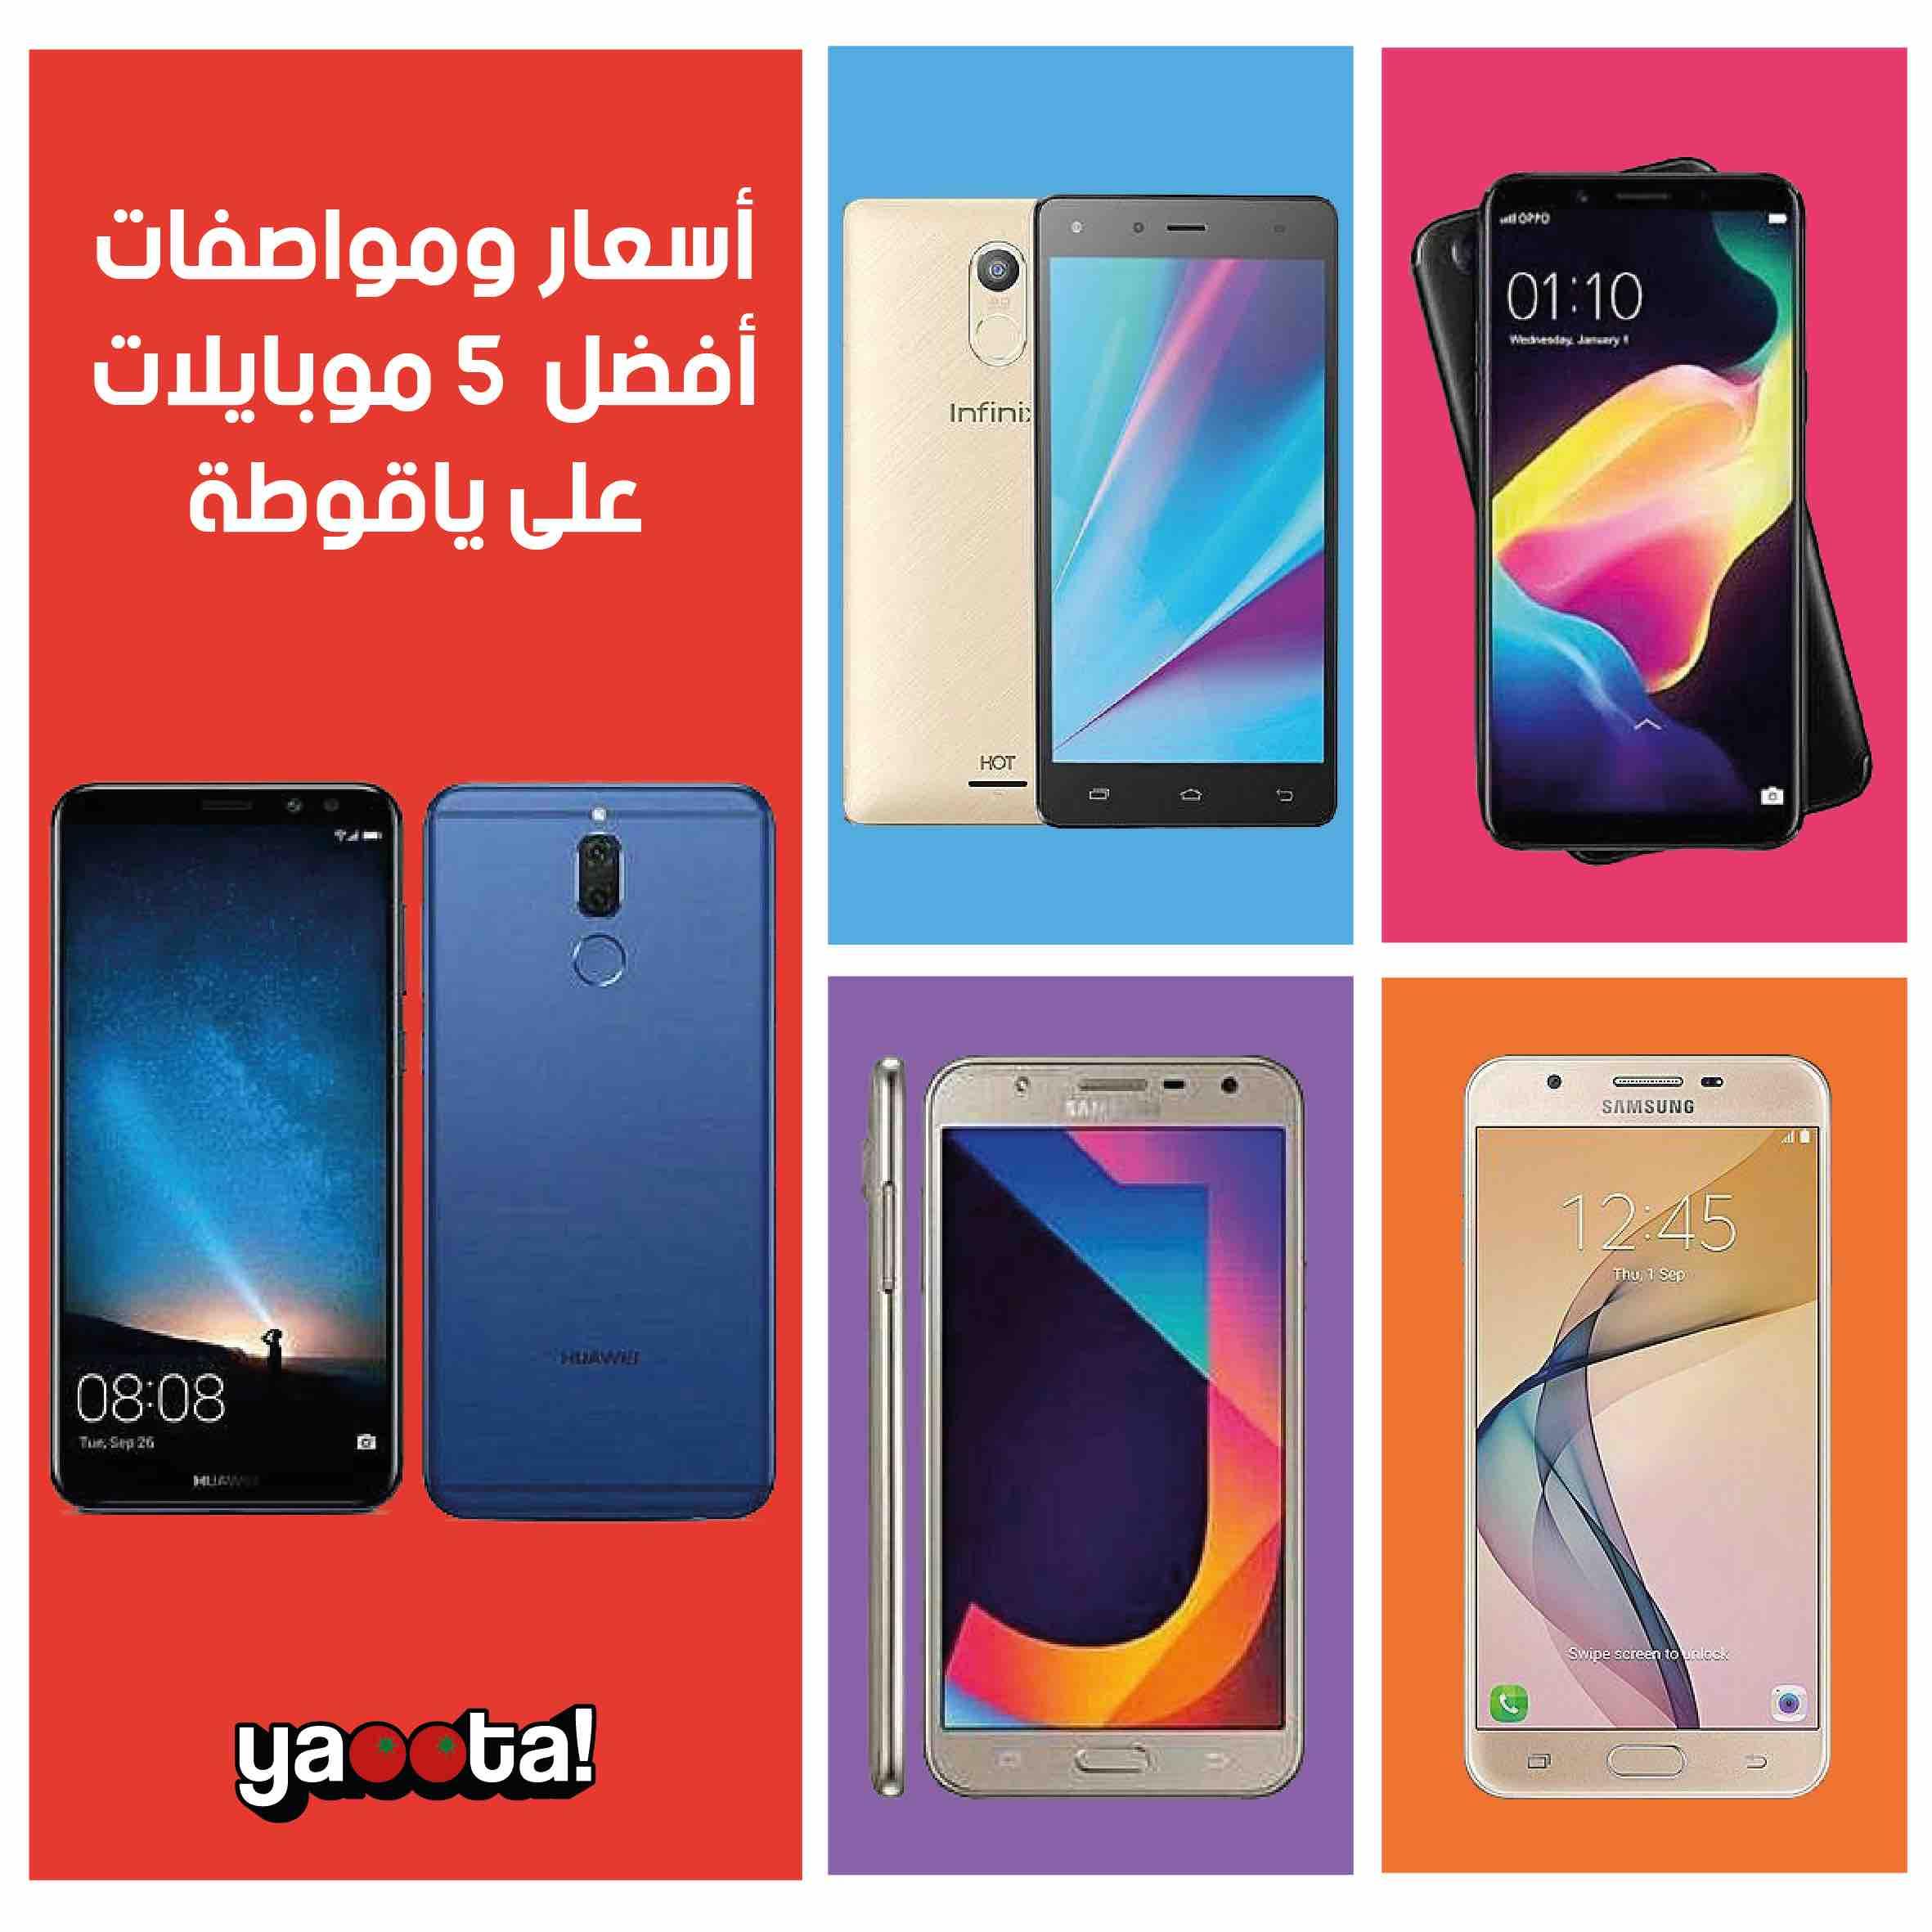 026039a7cccfe مميزات وعيوب و سعر و تقييم أفضل ٥ موبايلات في مصر